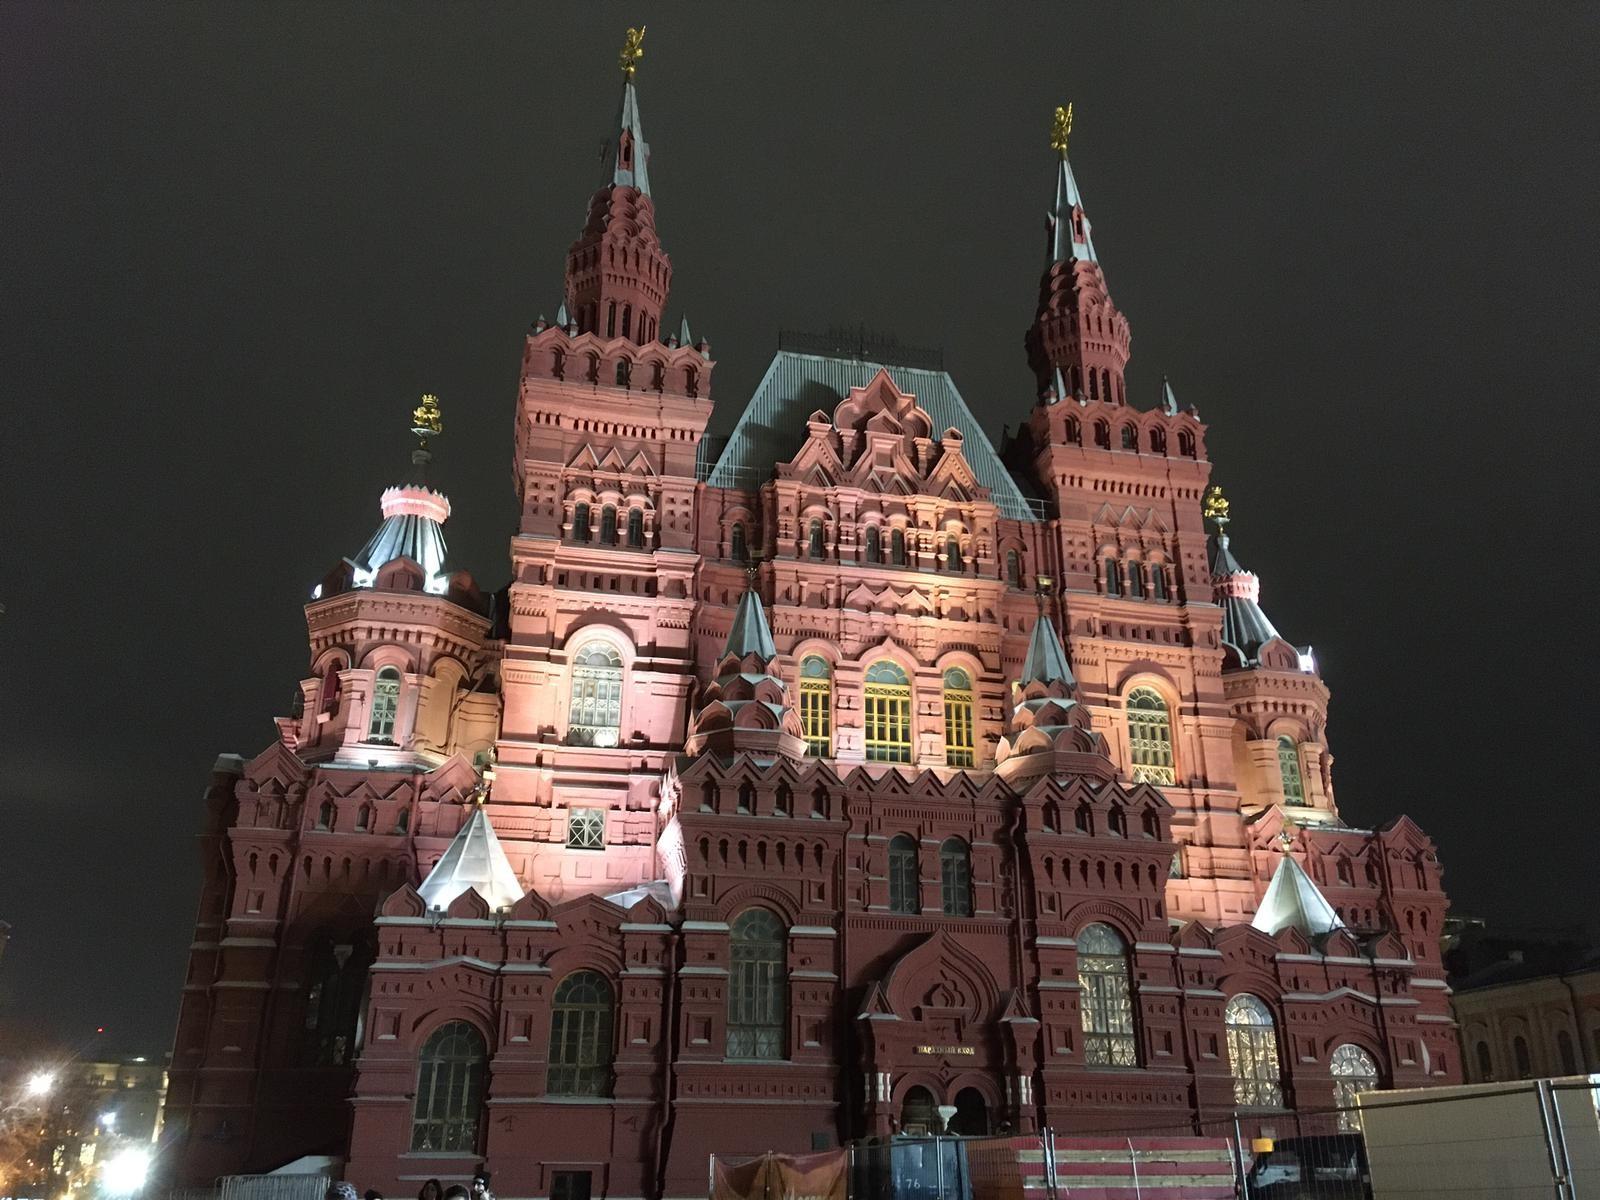 La nostra Napoli arriva in Russia, ed è tutto bellissimo - 29